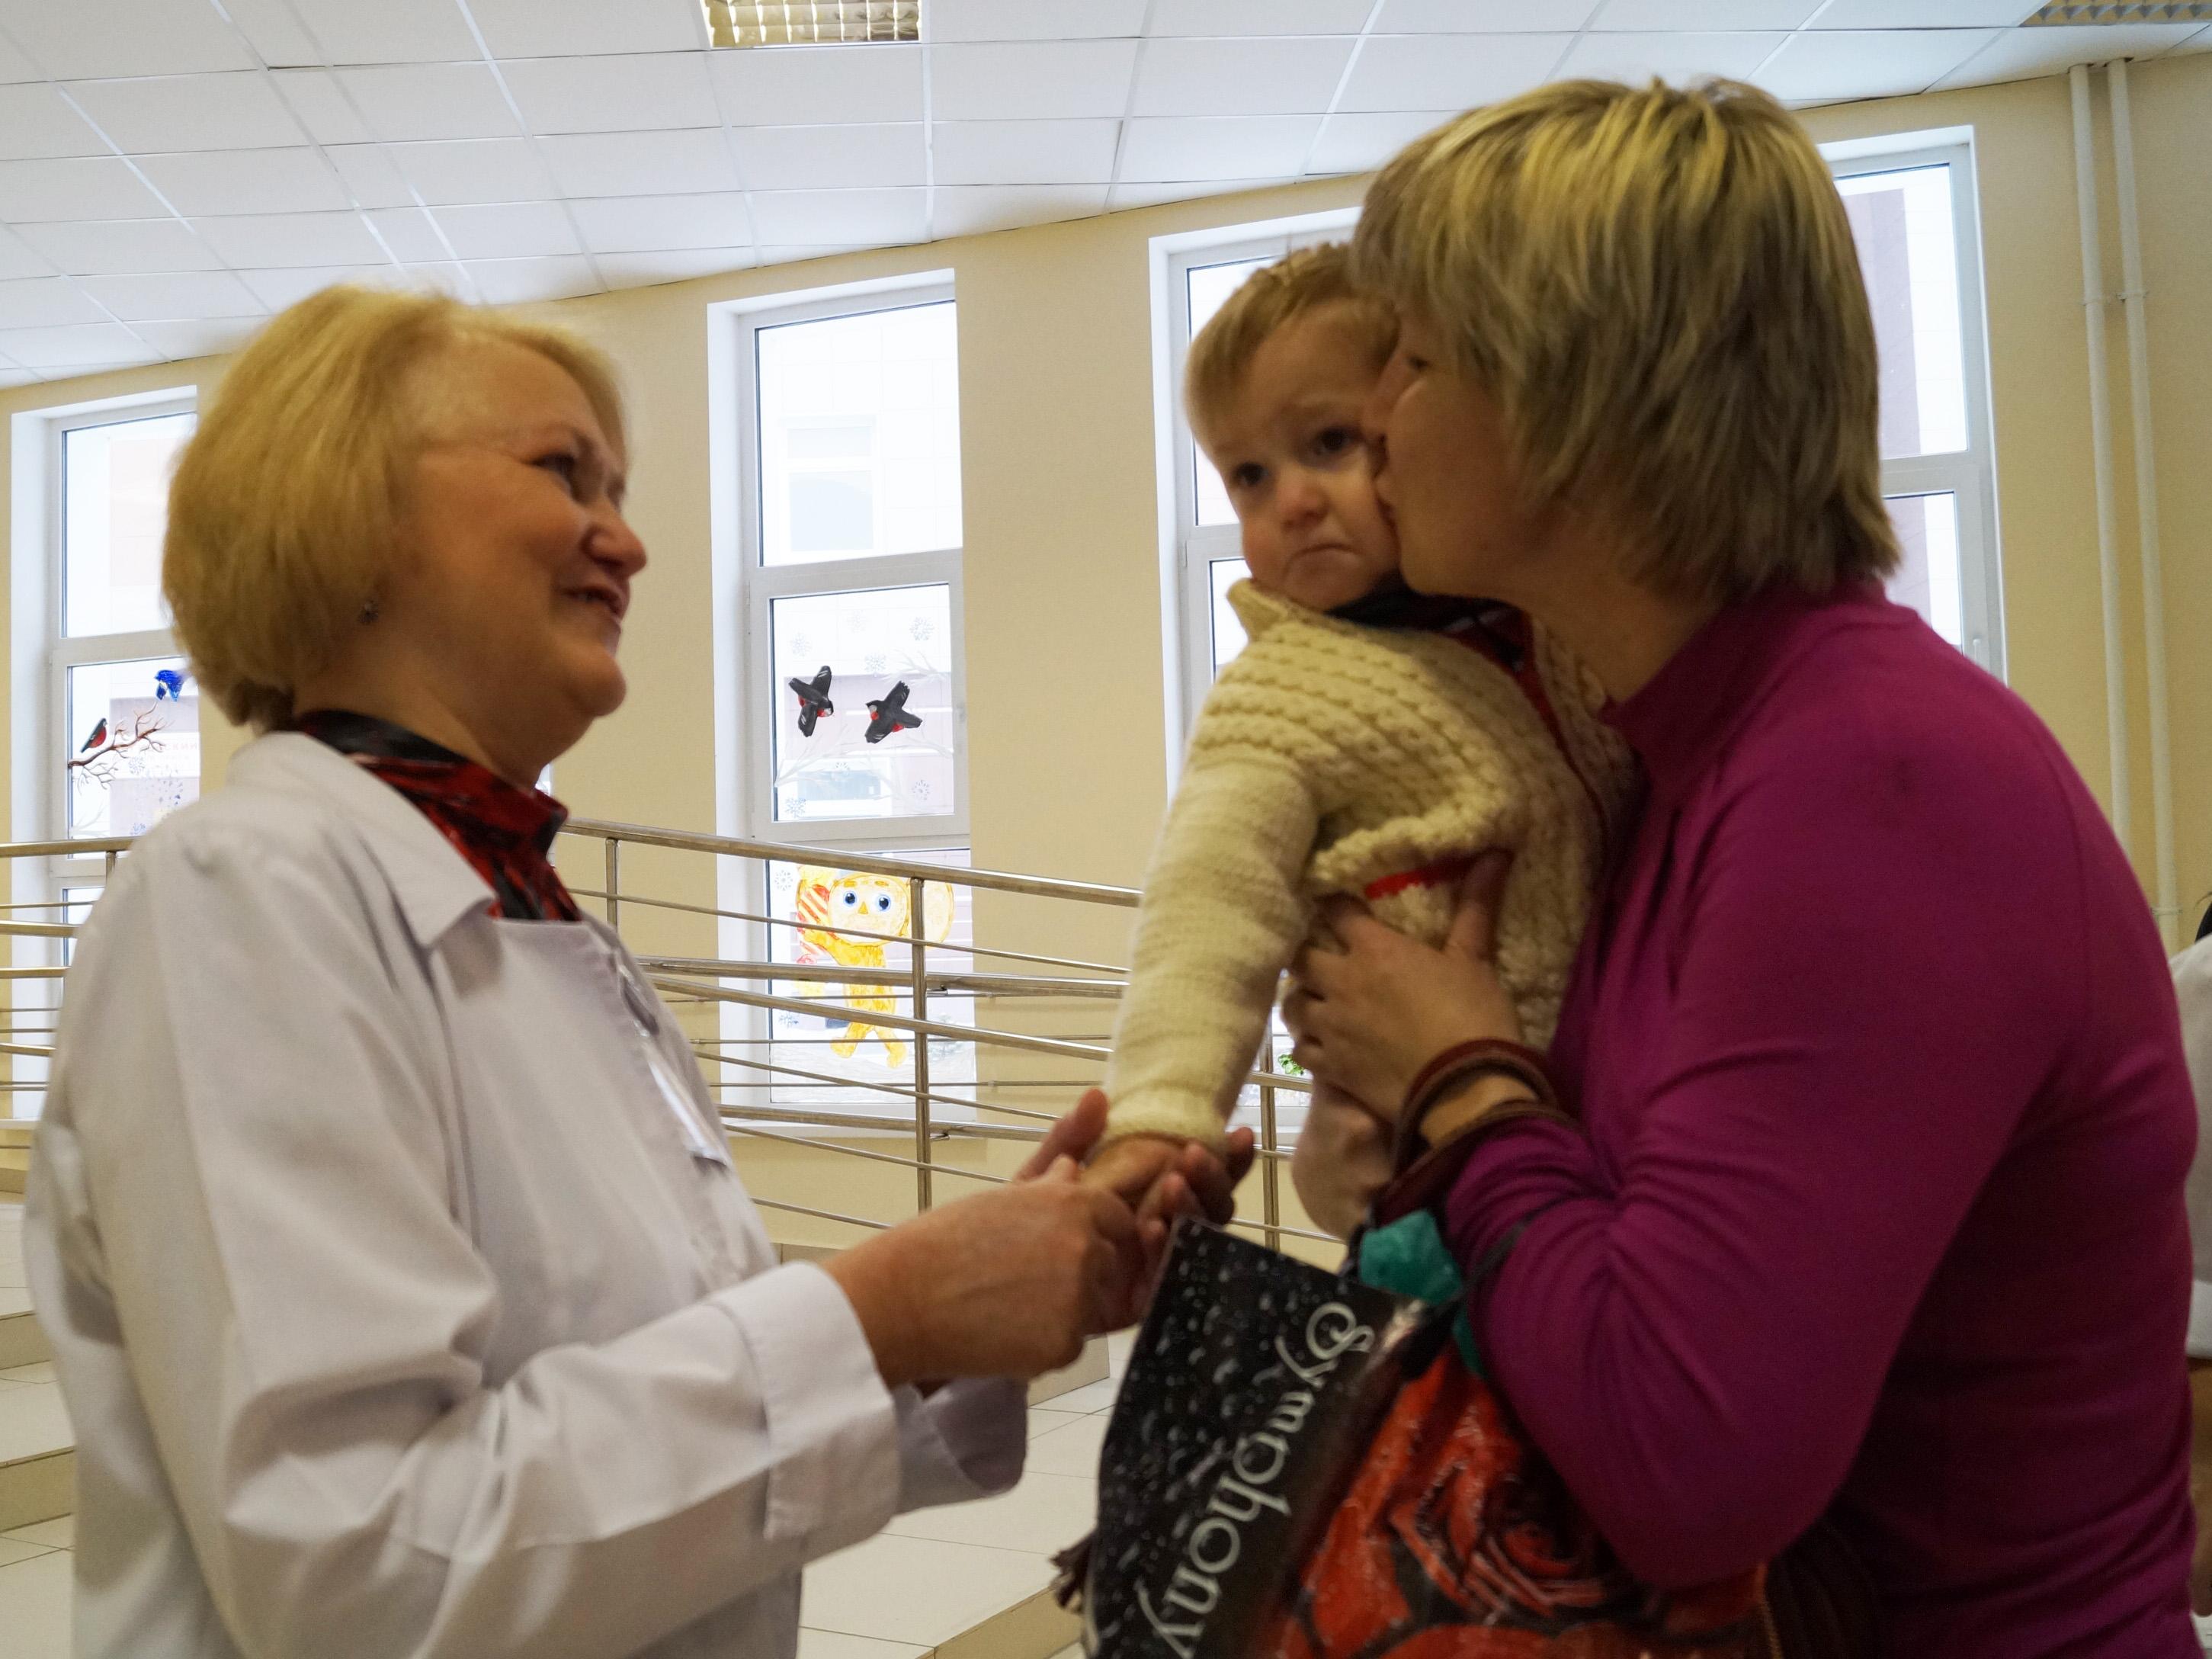 В вологодской больнице врачи отделения недоношенных детей встретились со своими бывшими пациентами